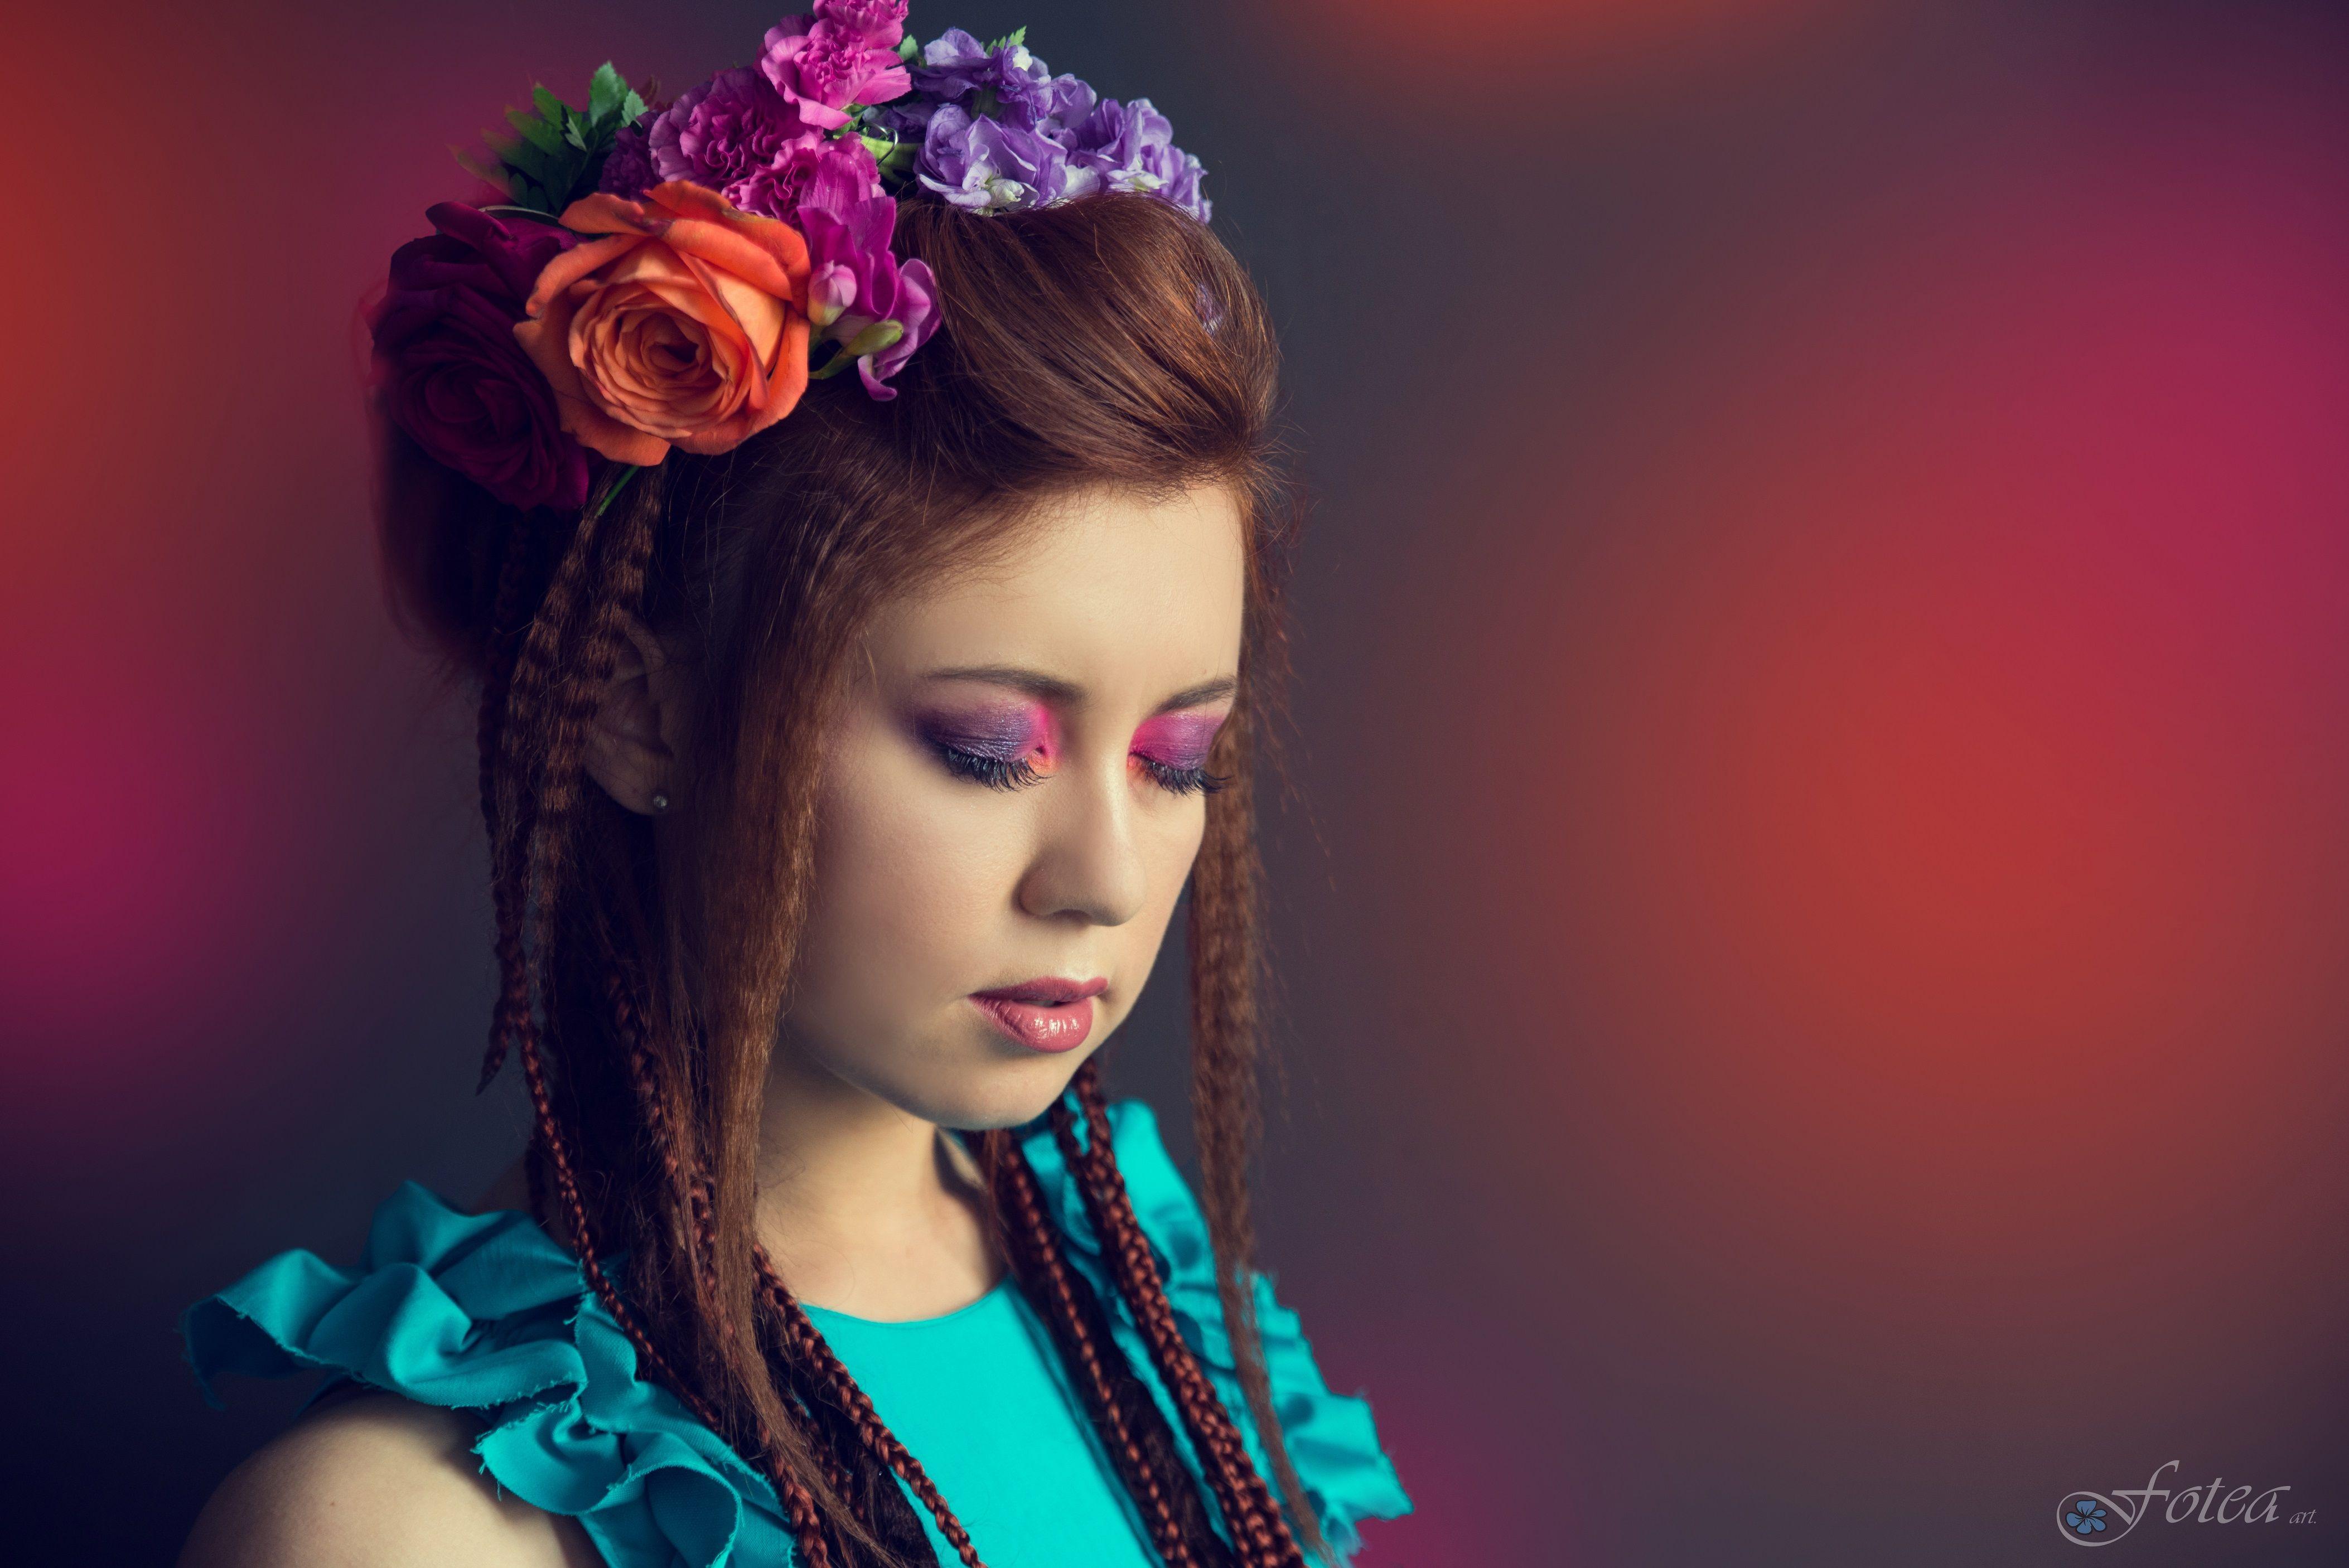 Modelka Emilia Dołęgowska Stylizacja Gabrieli Hezner Make Up Anna